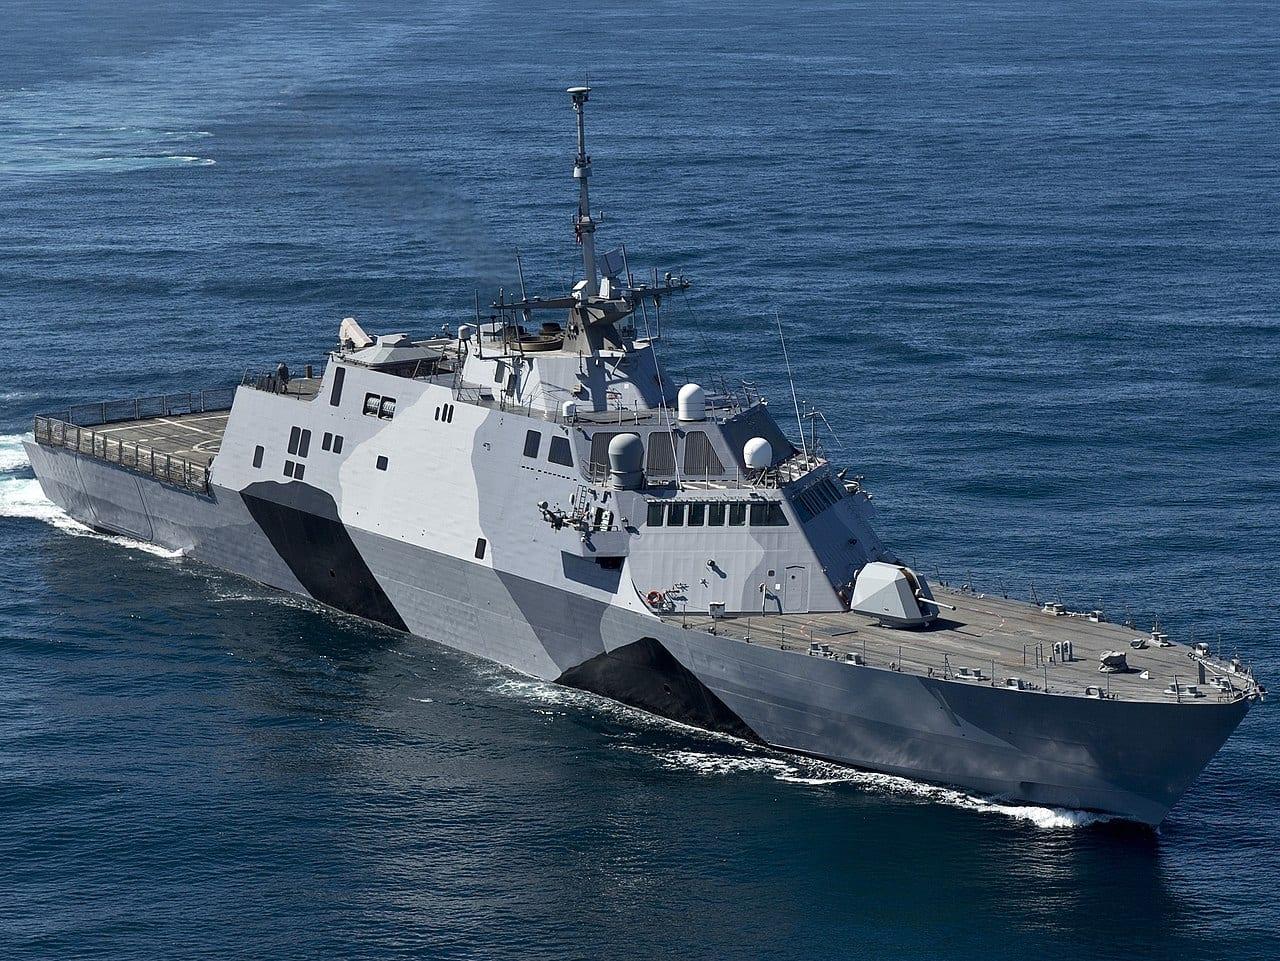 Φρεγάτες: Συμπαραγωγή ΗΠΑ - Ελλάδας συζητά το Πολεμικό Ναυτικό